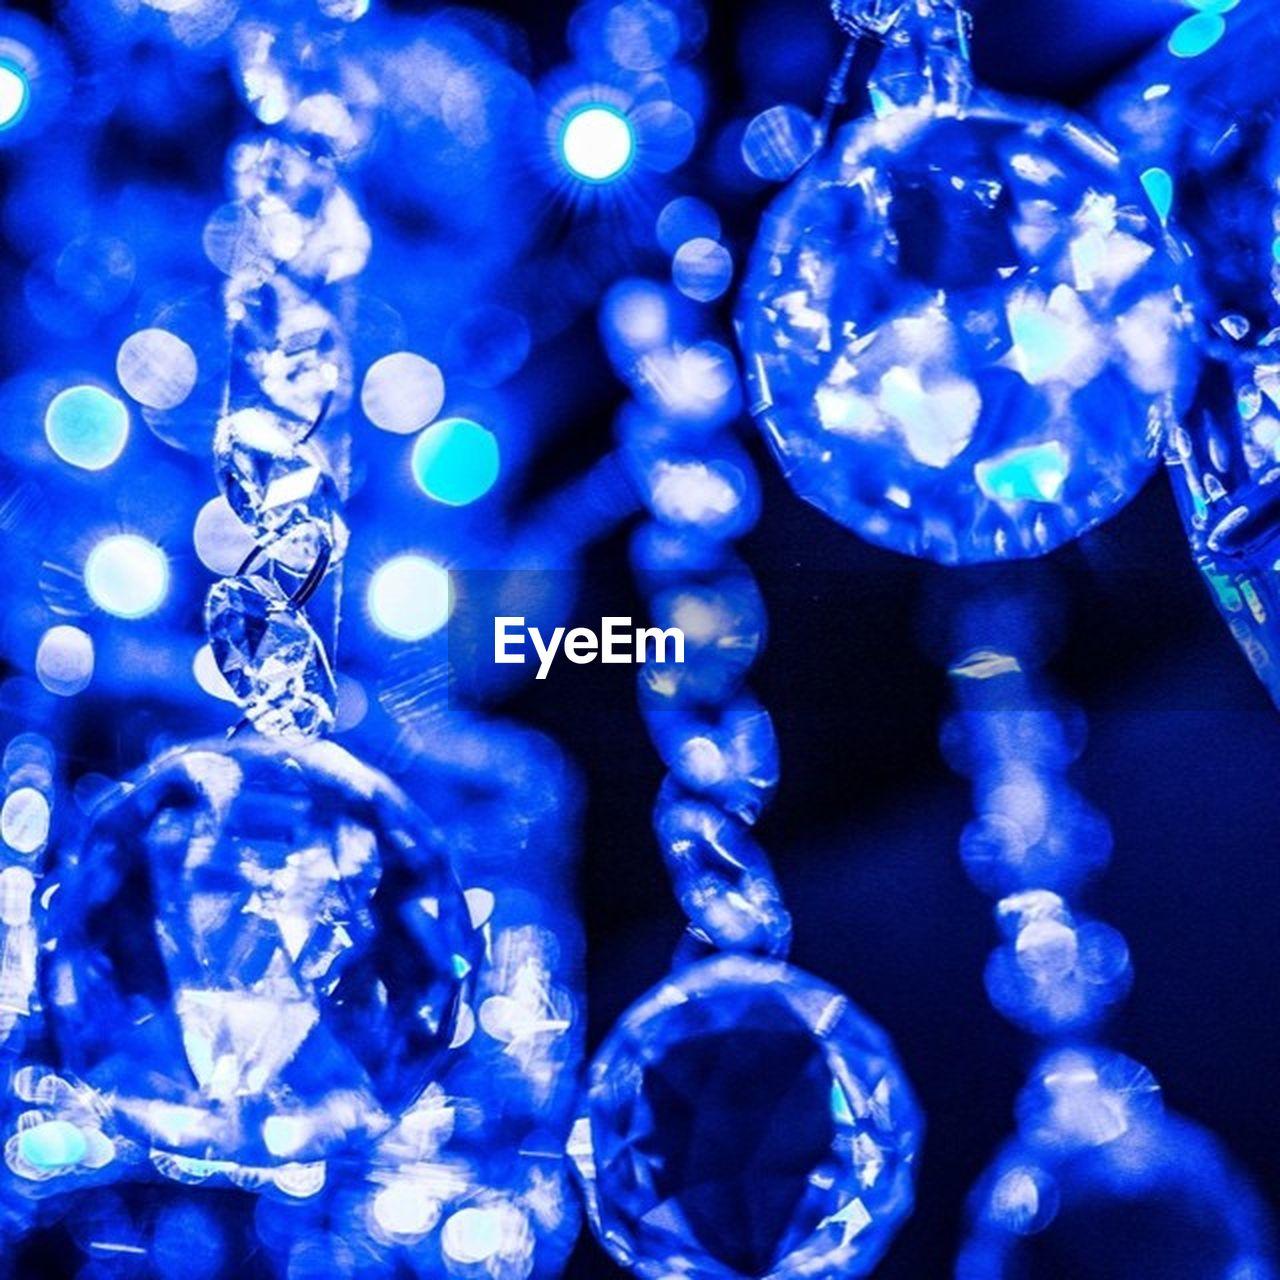 decoration, celebration, blue, hanging, christmas decoration, close-up, christmas, no people, christmas ornament, shiny, indoors, bauble, studio shot, full frame, crystal, illuminated